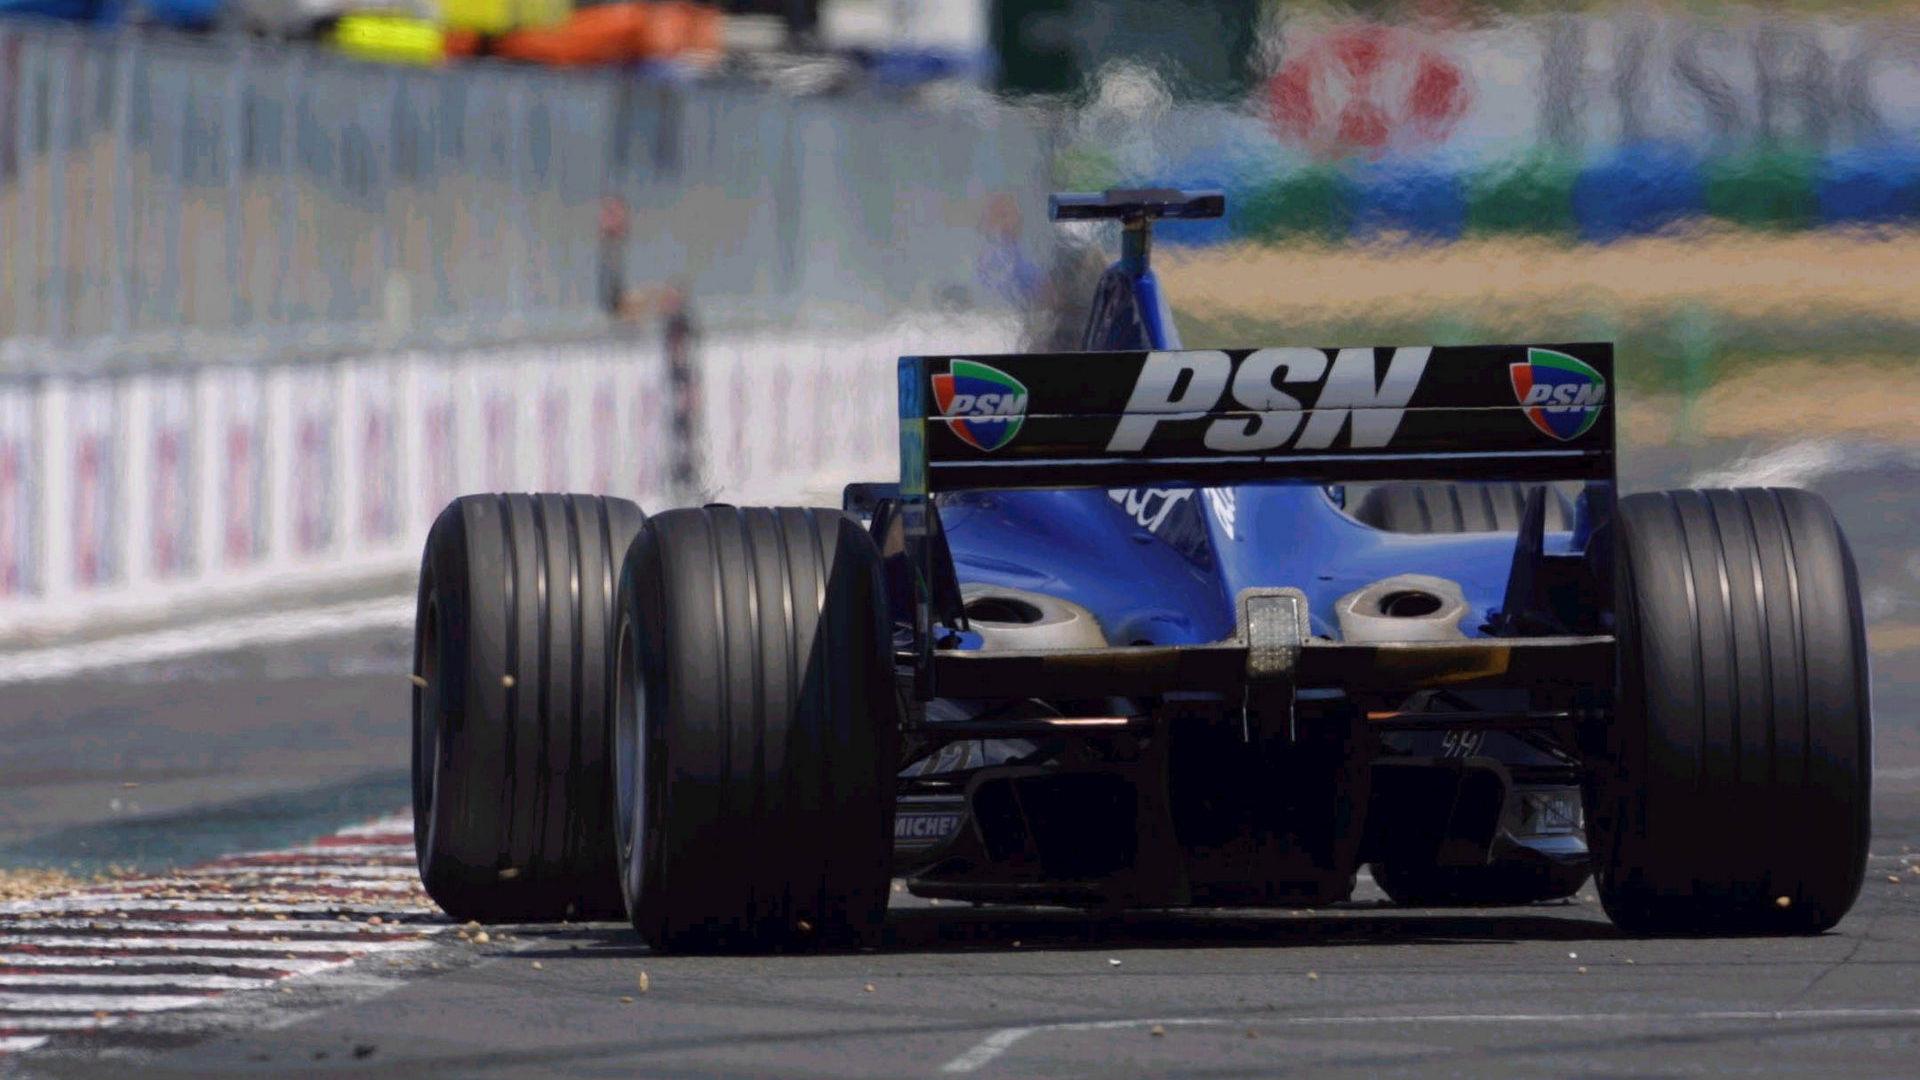 Prost F1, equipe histórica de Formula 1 de 2001 - by f1-fansite.com